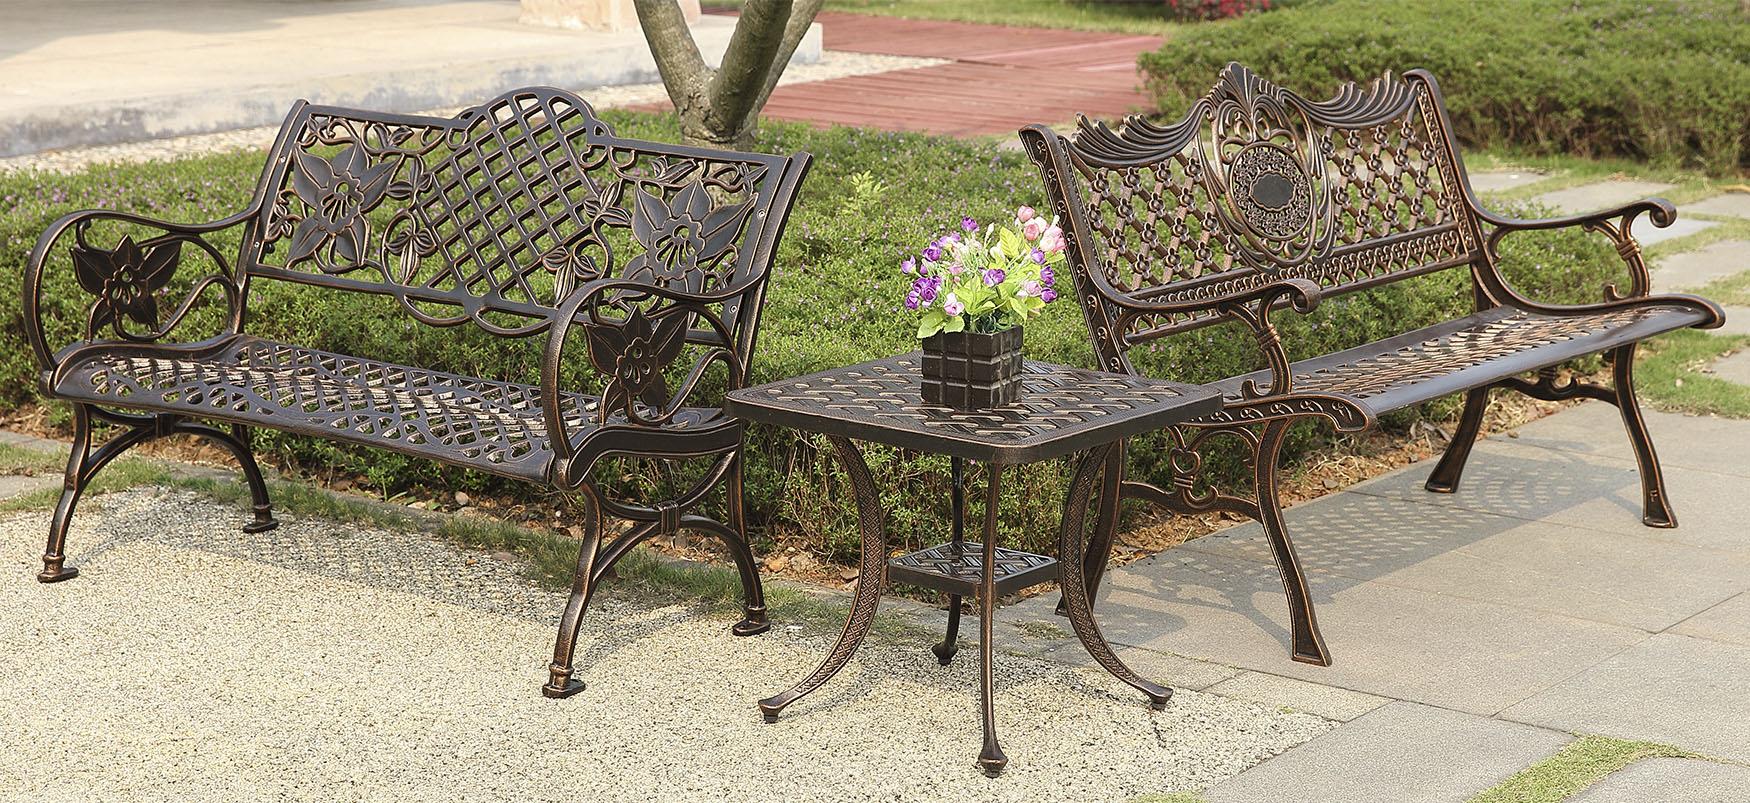 Парковая мебель, садовые чугунные скамейки литые, лавочки из литого алюминия, кованая мебель для сада и дачи